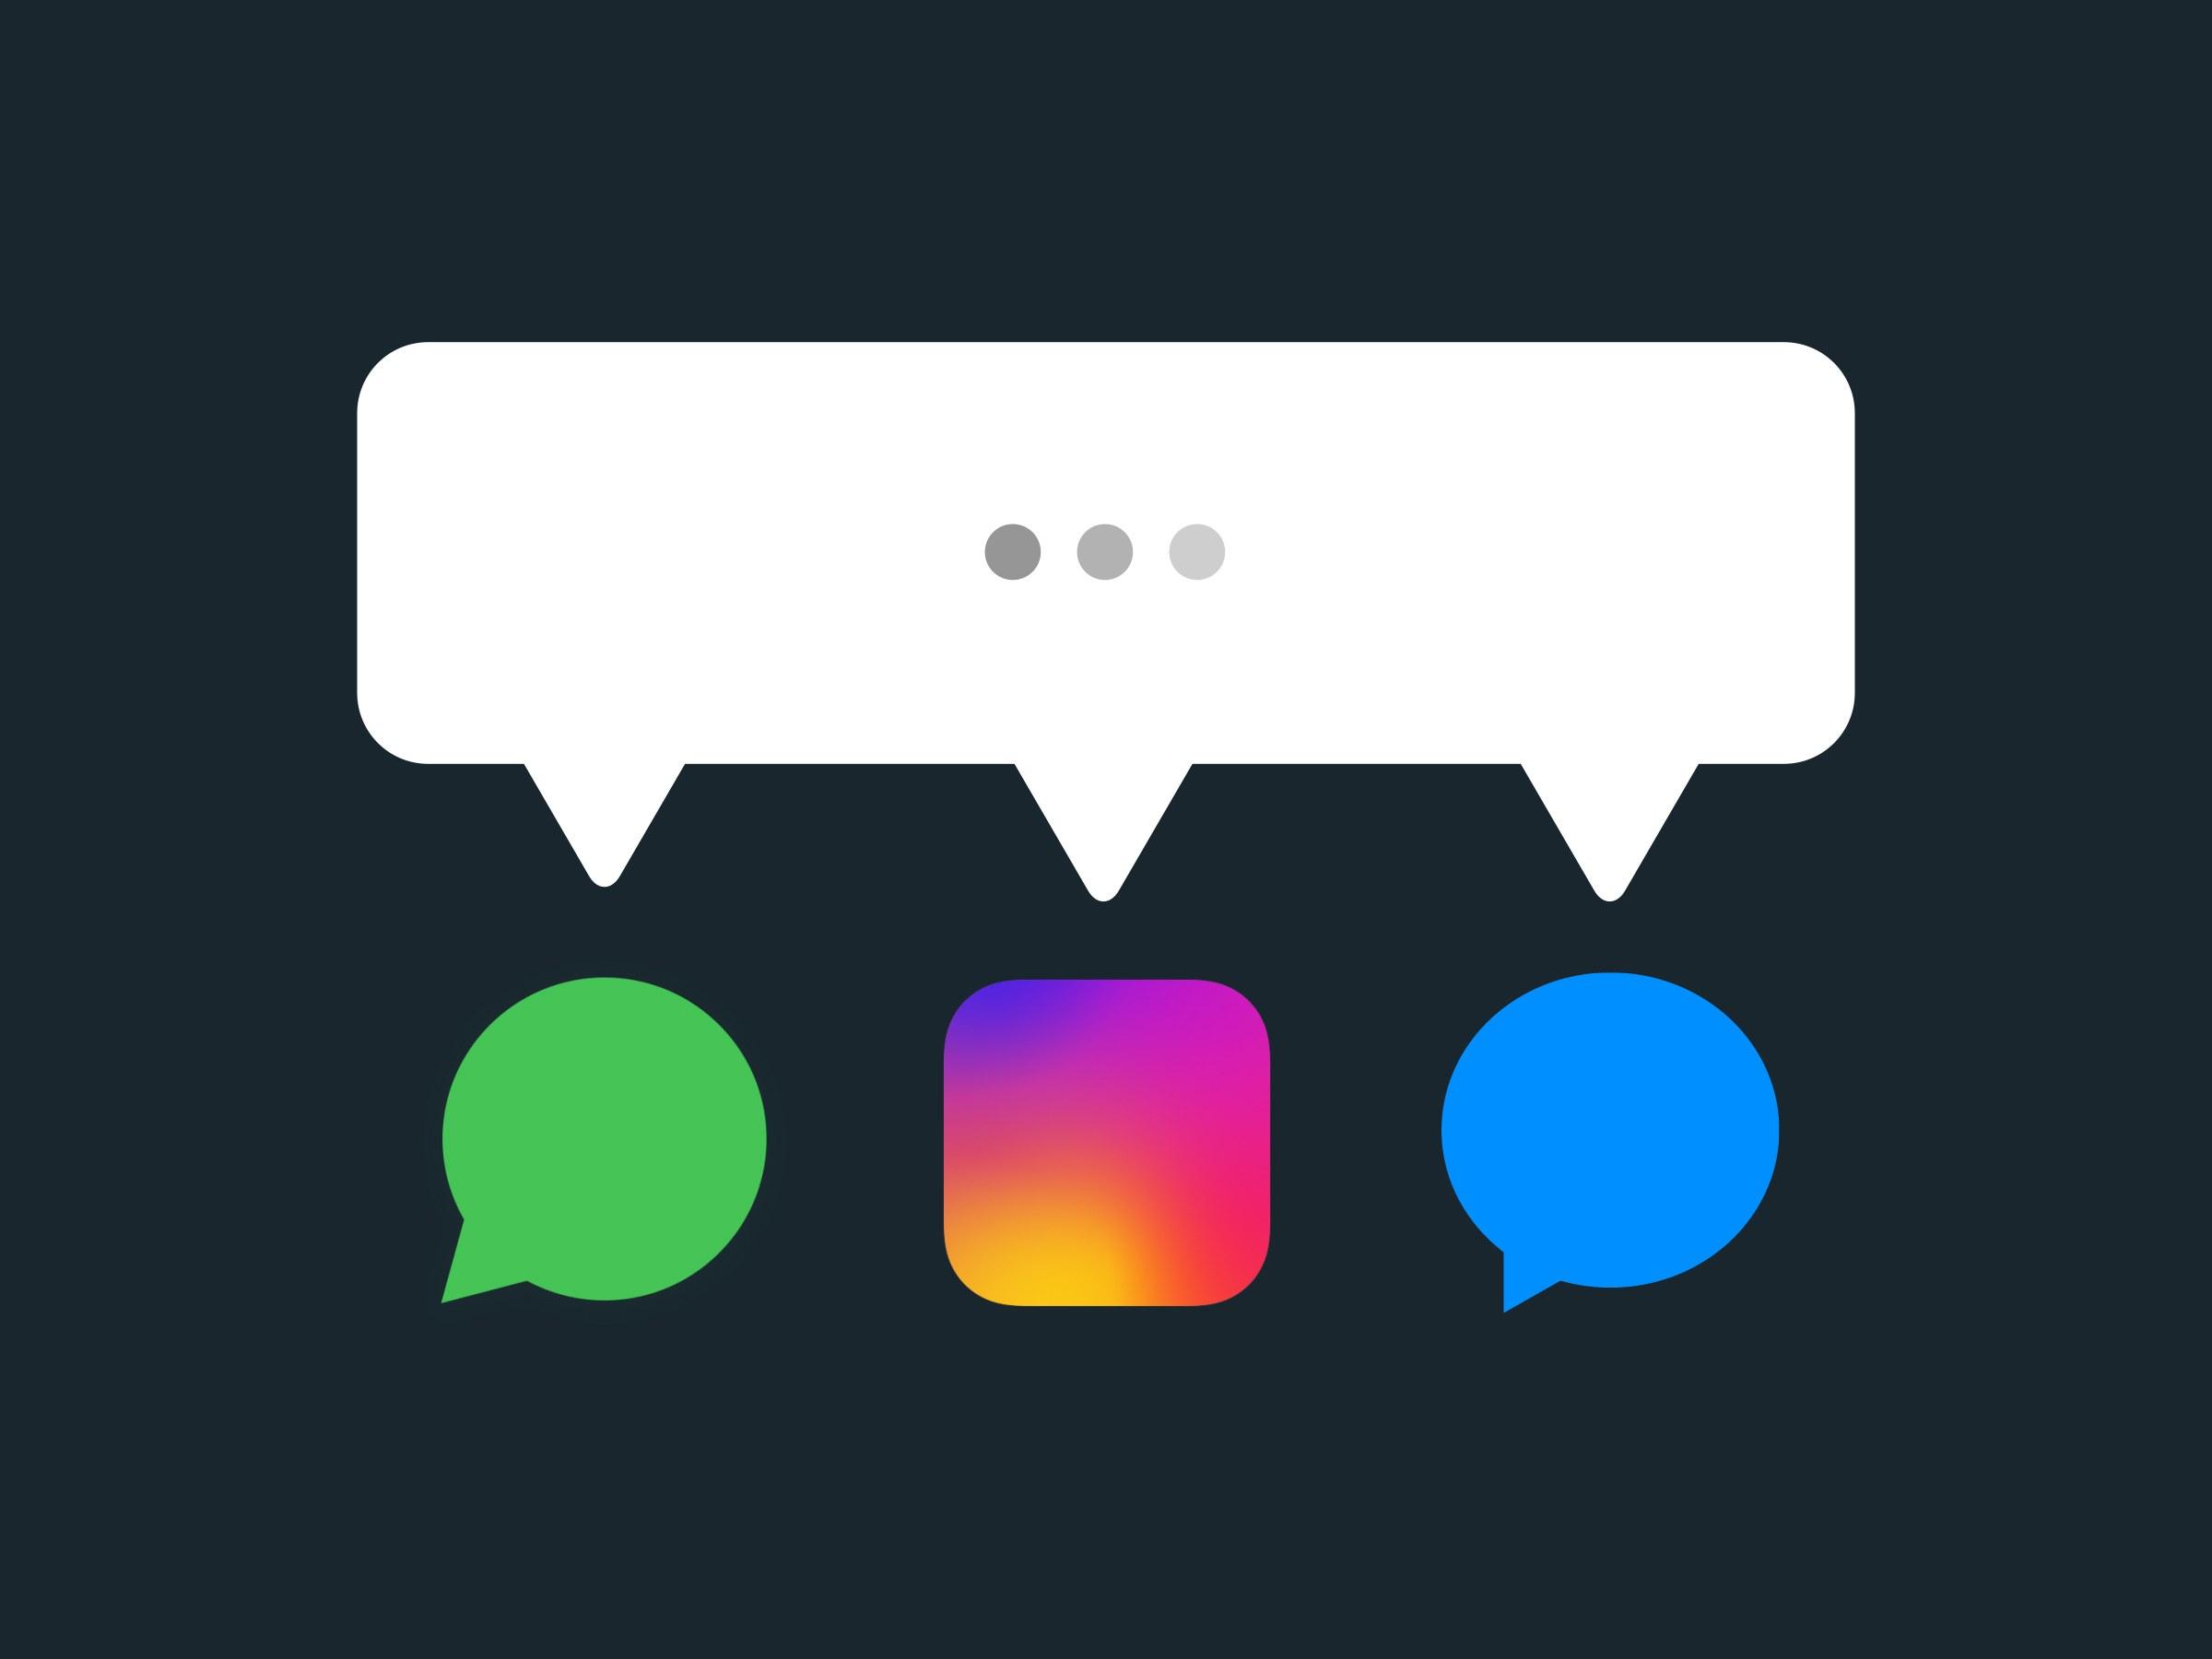 Facebook planea unificar las plataformas de mensajes de WhatsApp, Instagram y Messenger